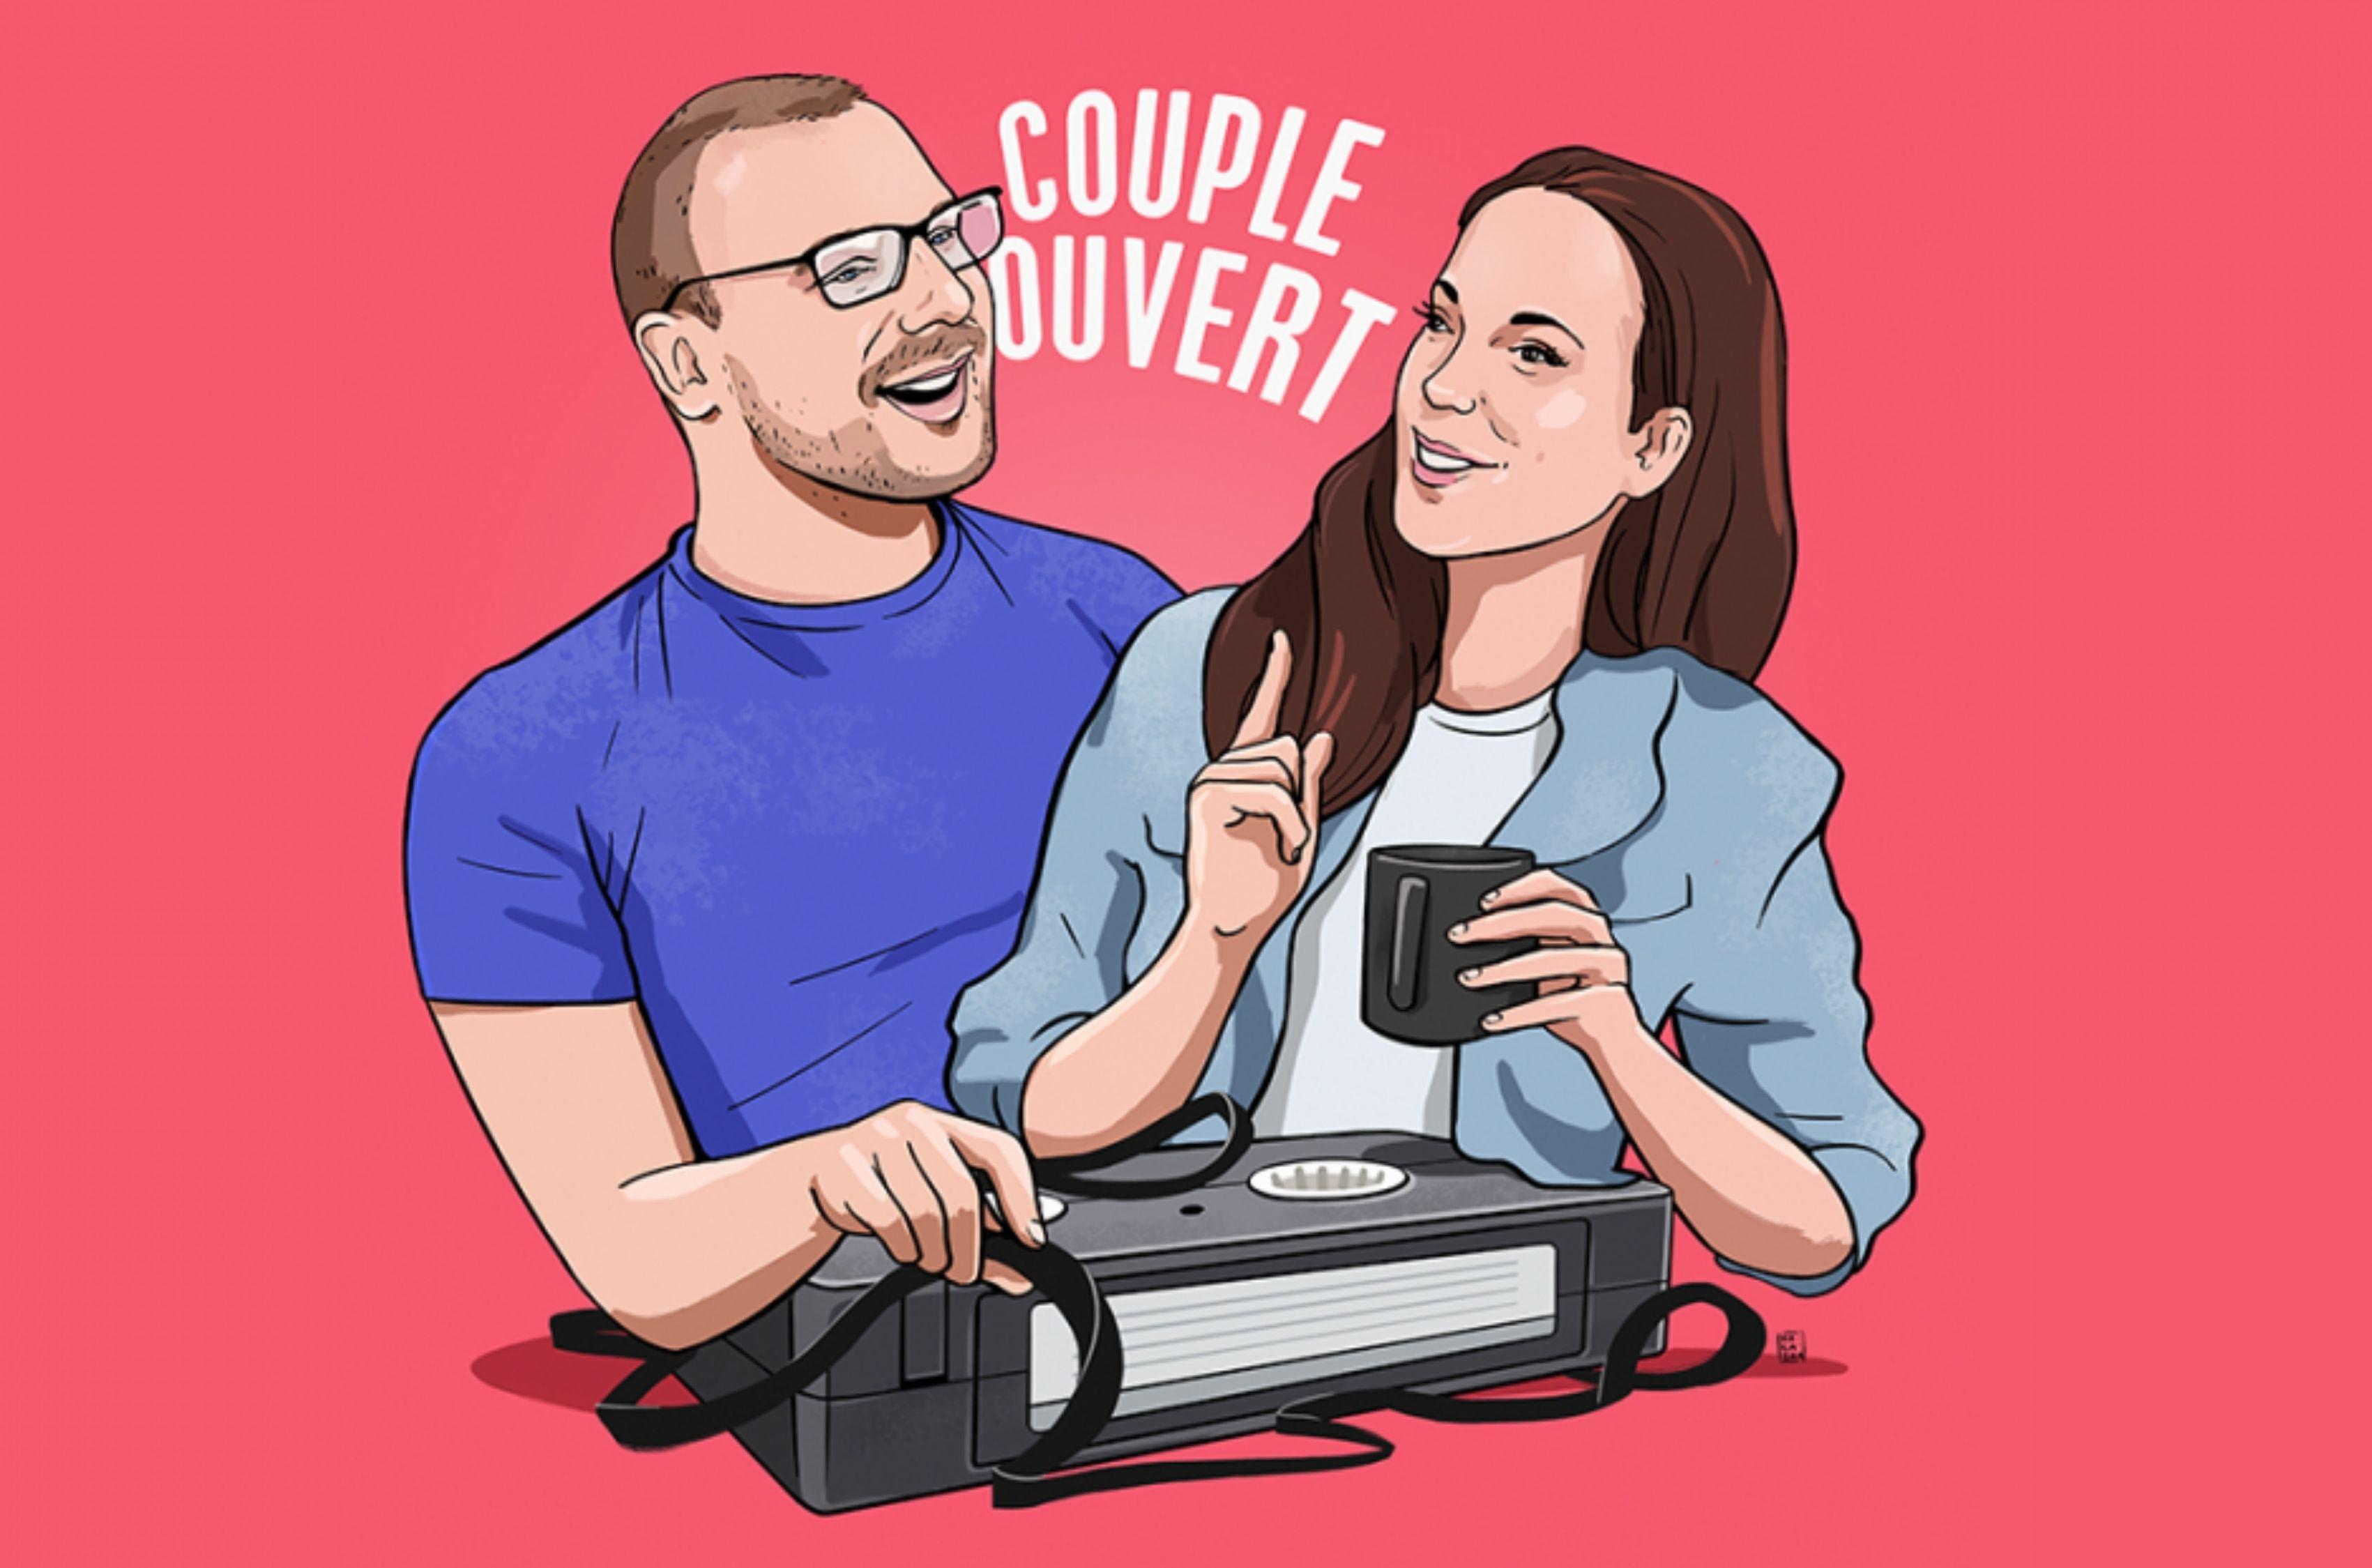 Ville de saint-Eustache - COUPLE OUVERT - podcast